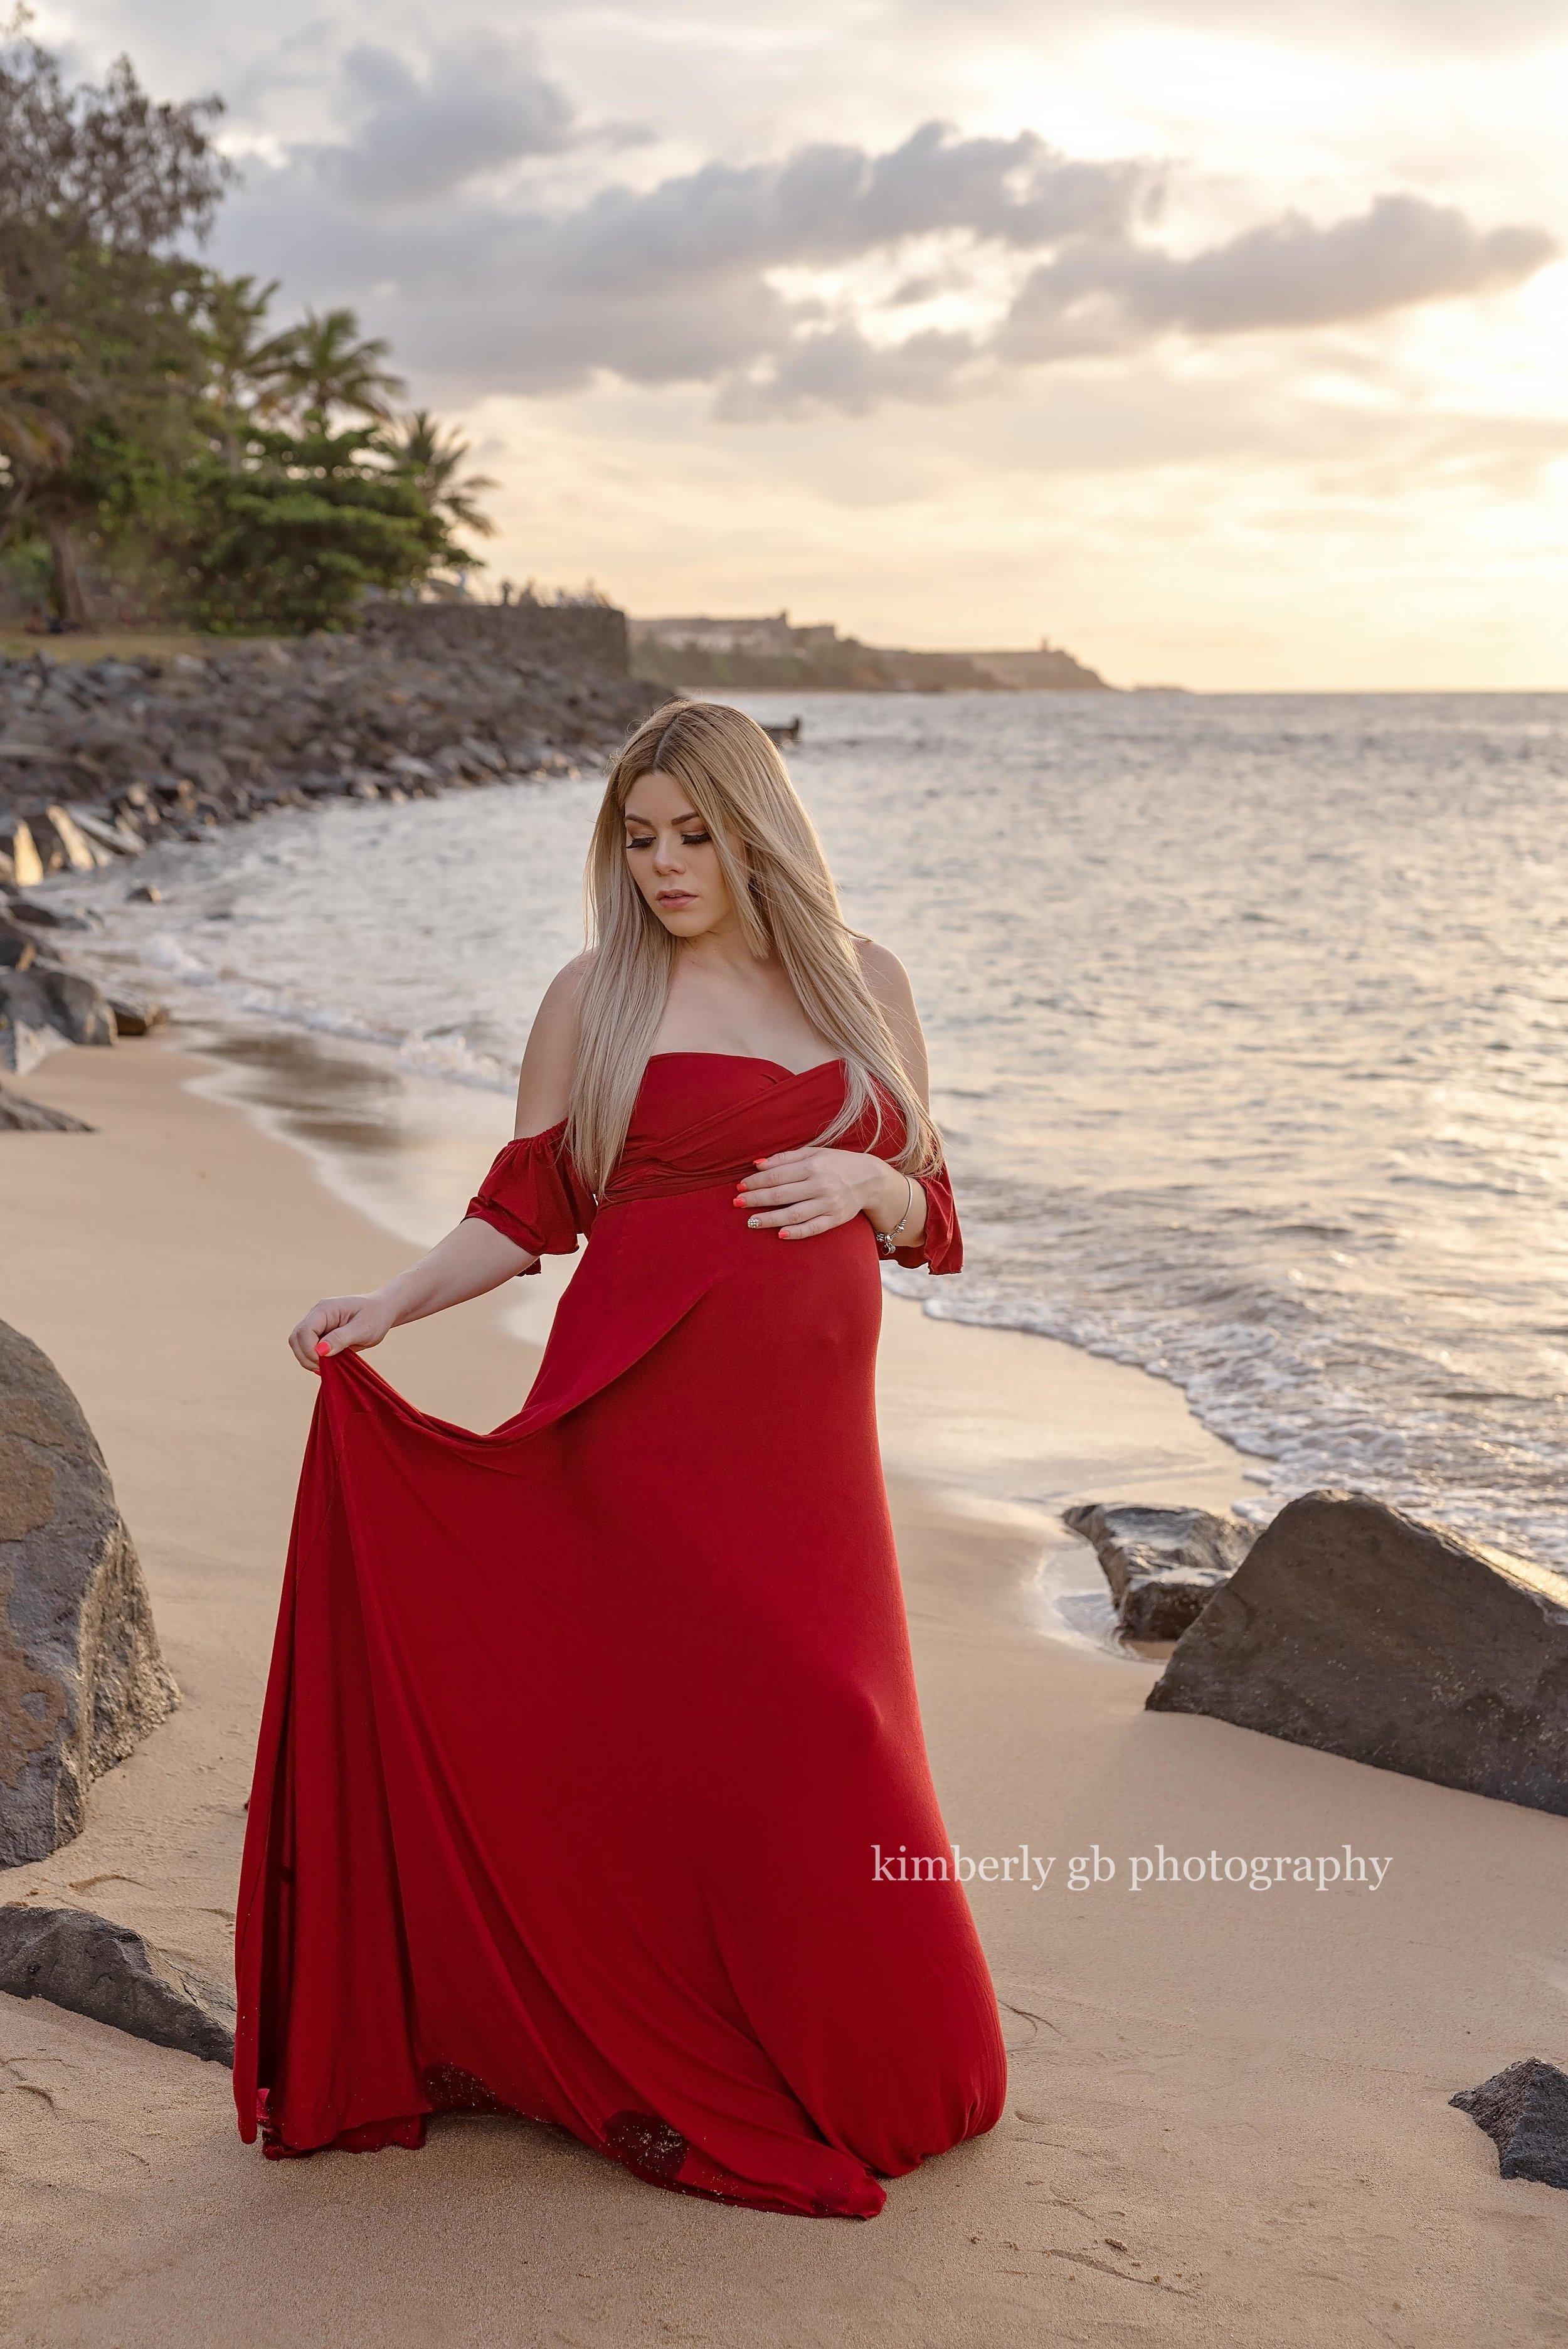 fotografia-fotografa-de-maternidad-embarazo-embarazada-en-puerto-rico-fotografia-198.jpg